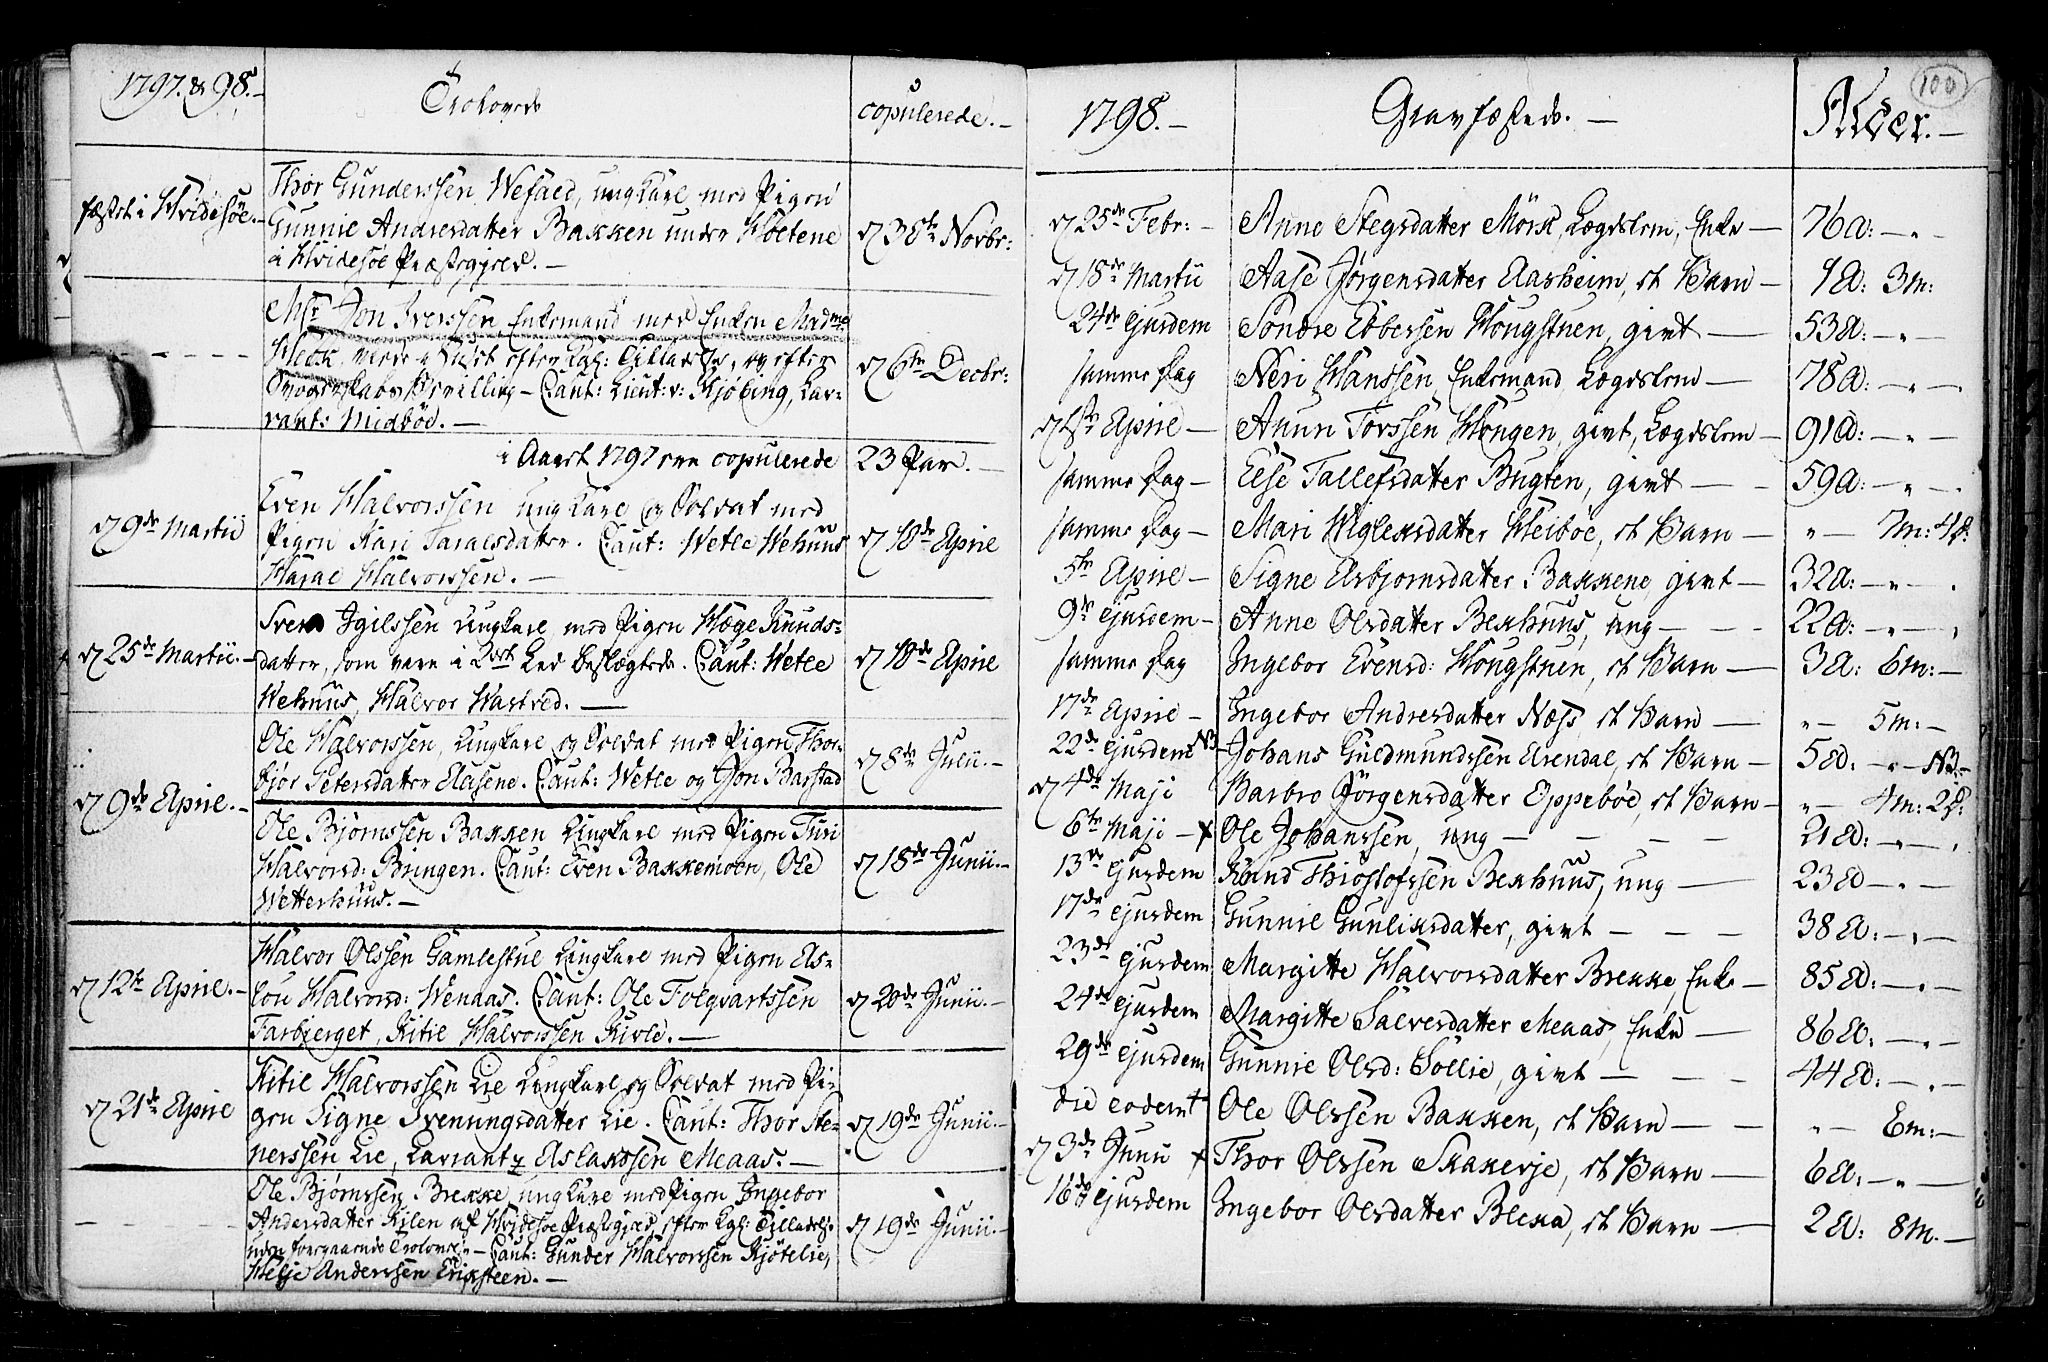 SAKO, Seljord kirkebøker, F/Fa/L0008: Ministerialbok nr. I 8, 1755-1814, s. 100